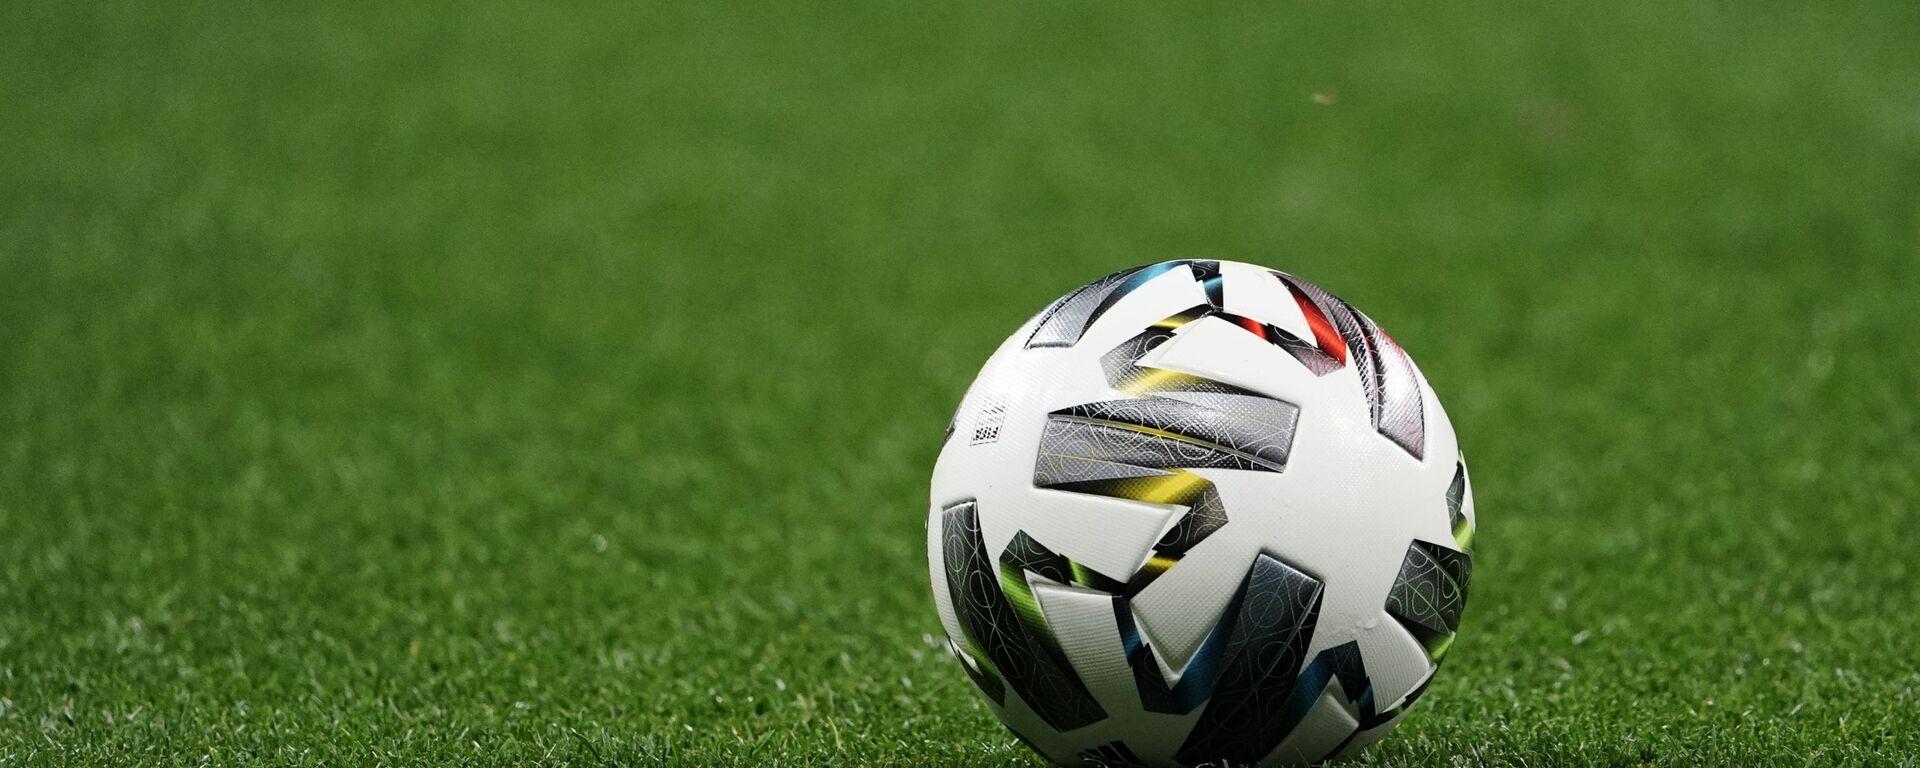 Palla in un campo da calcio - Sputnik Italia, 1920, 01.07.2021